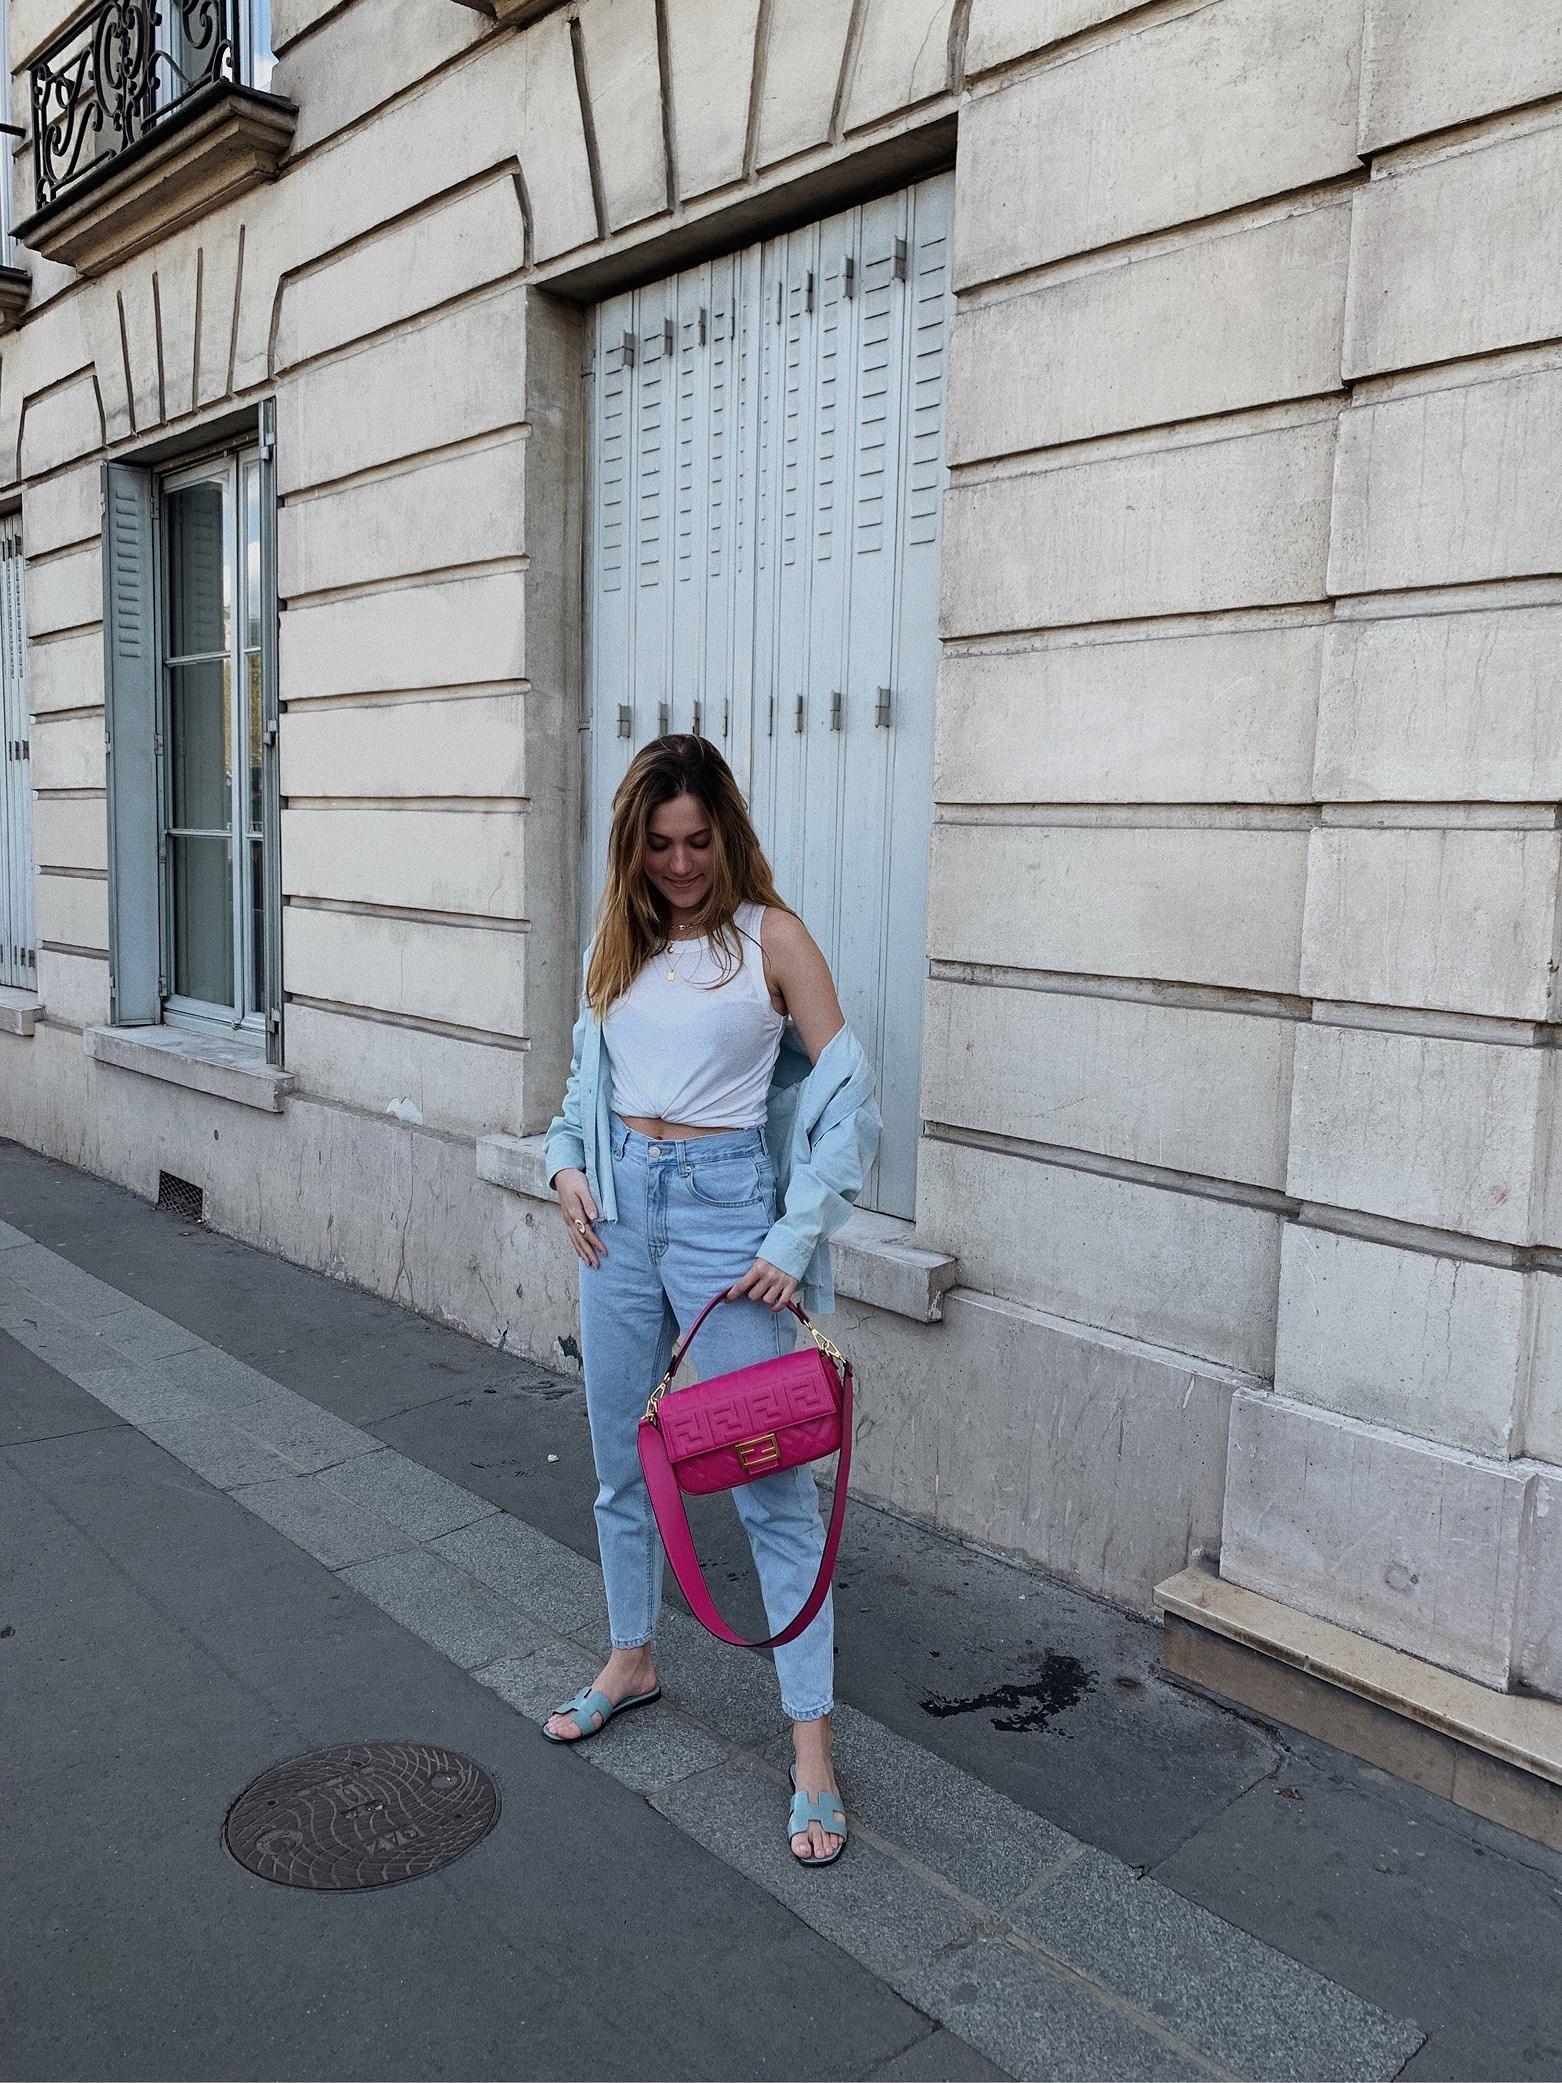 ALL DENIM IN PARIS